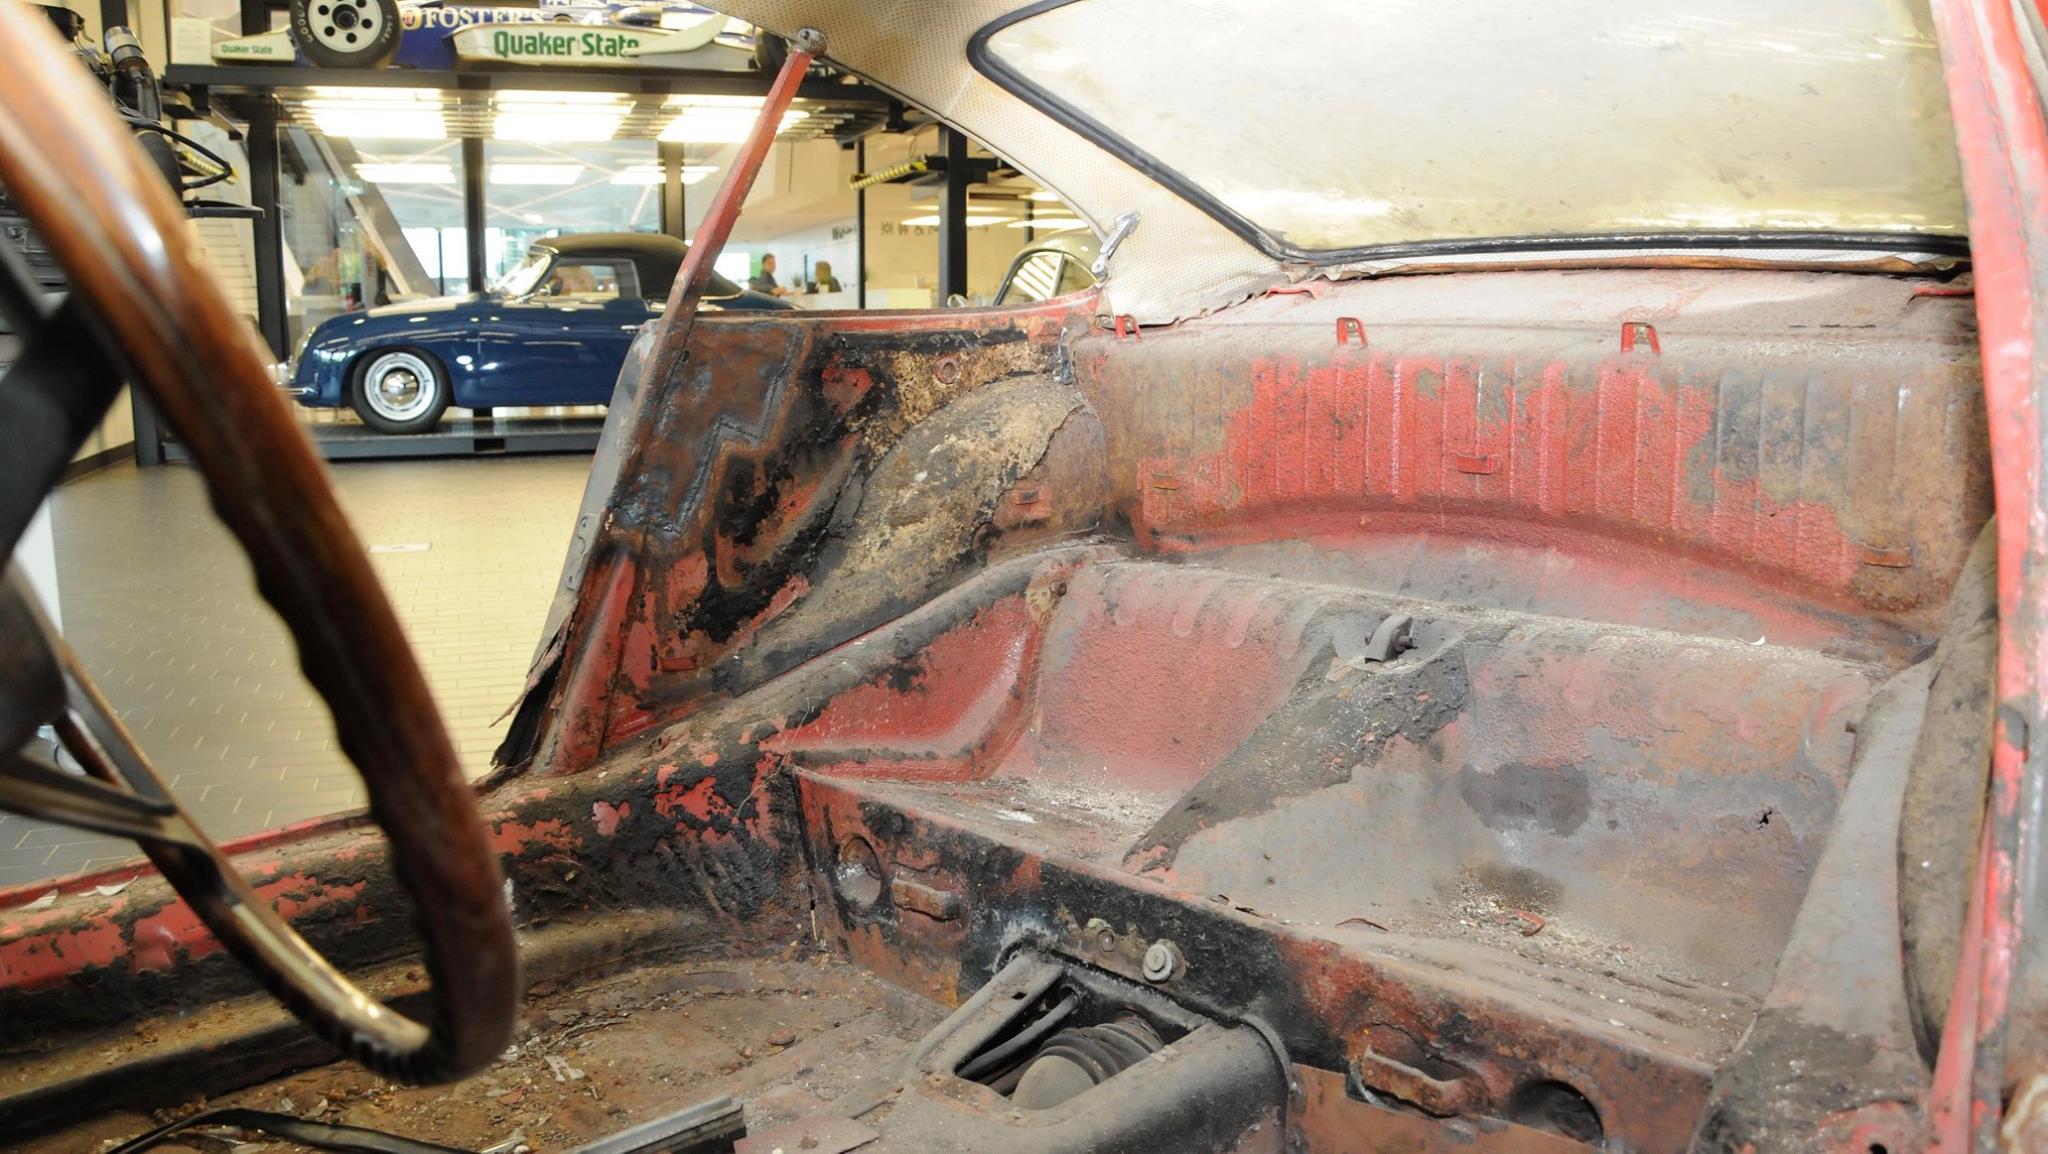 Porsche 901 911 restoration porsche museum (6)